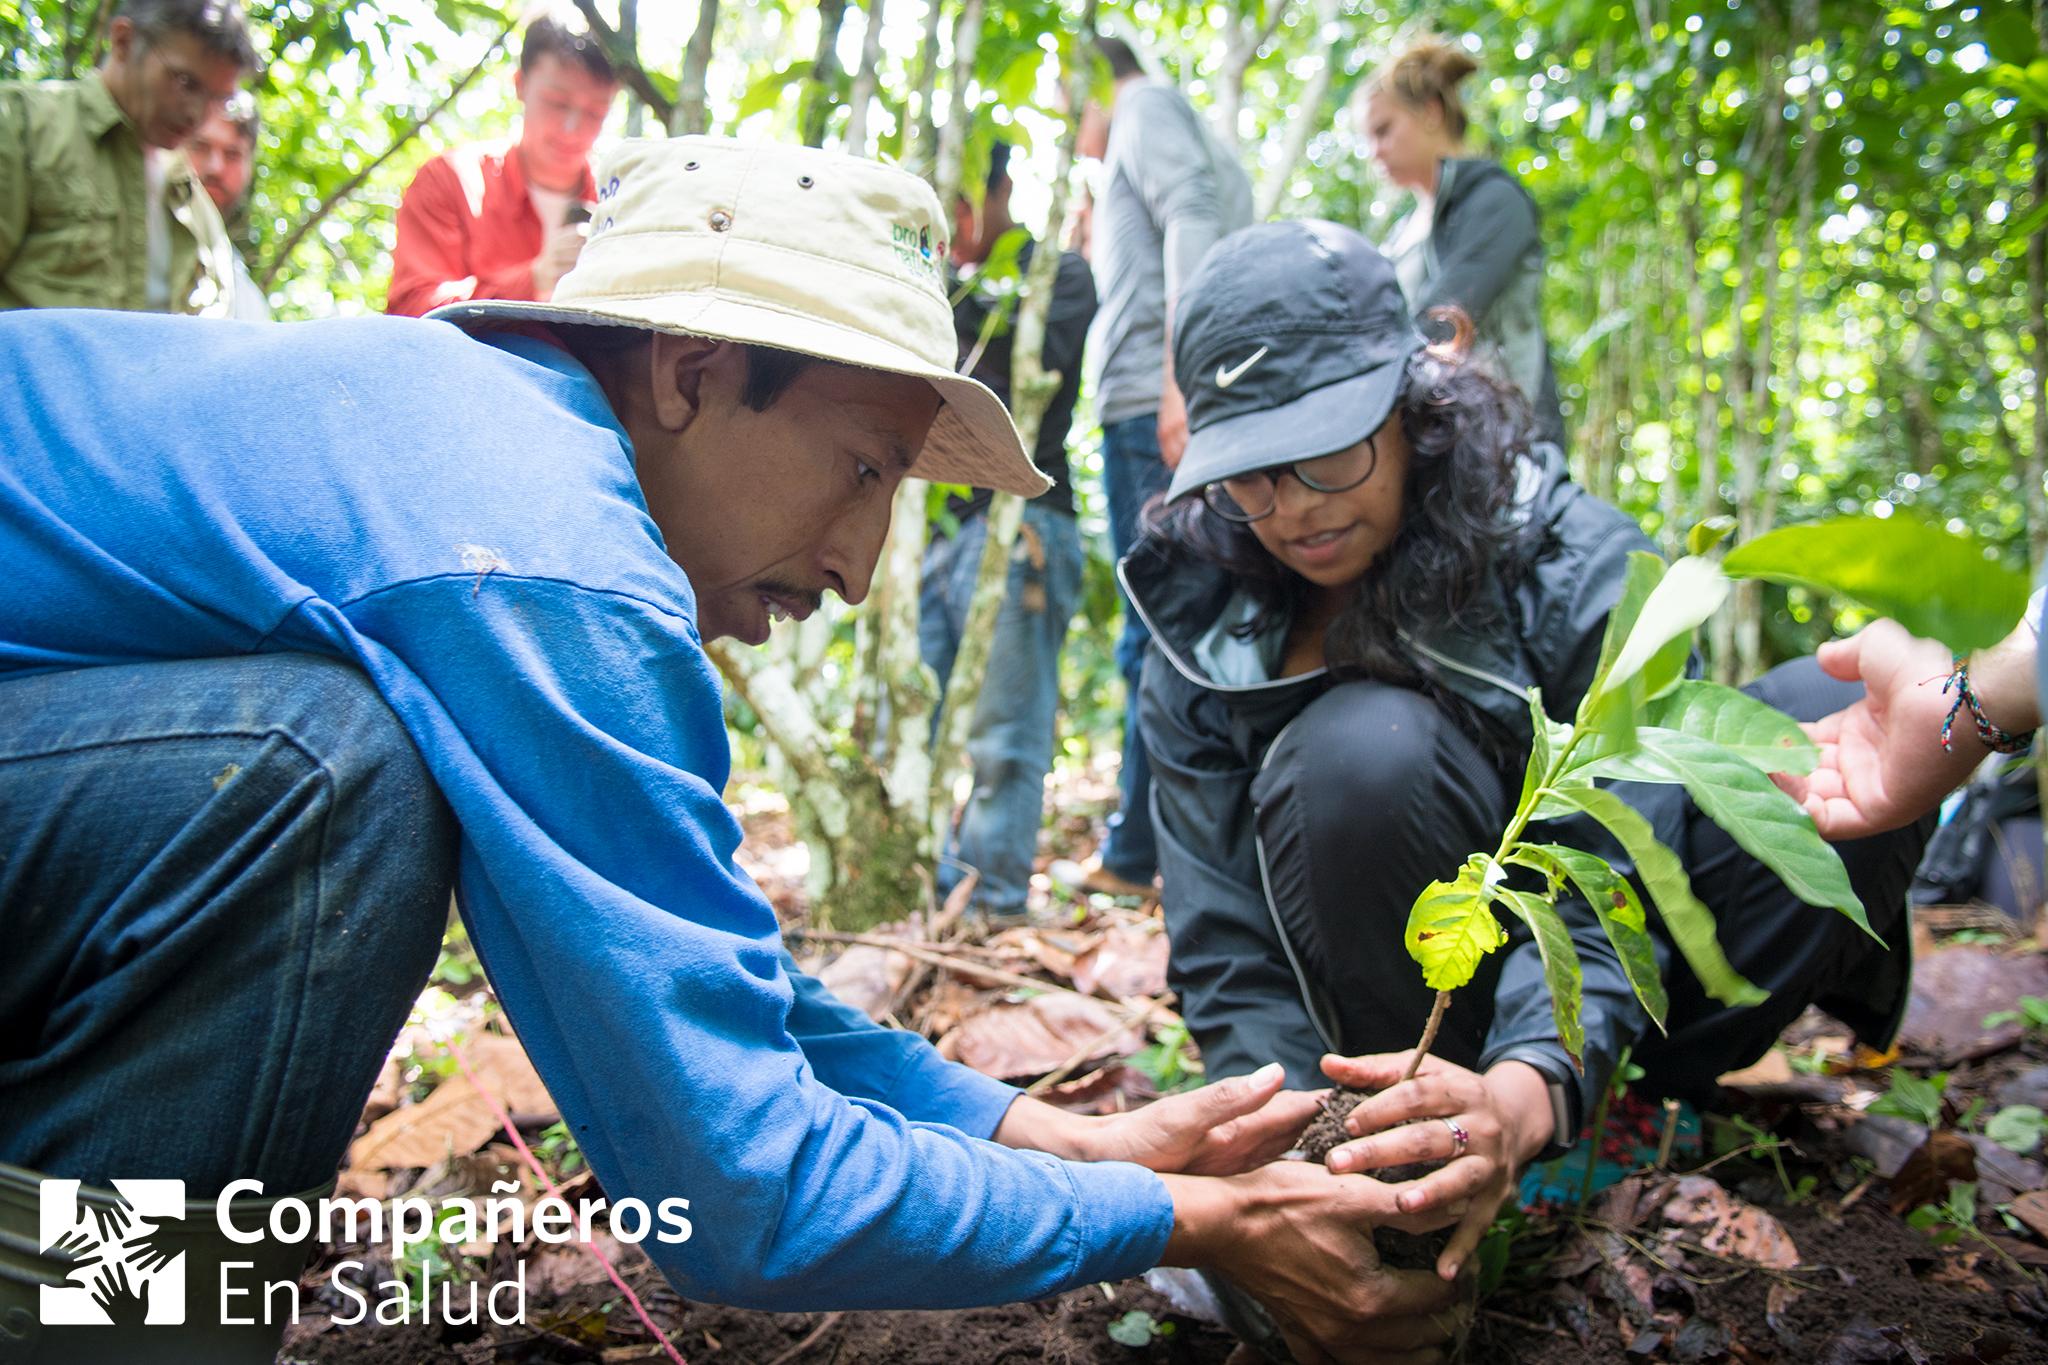 Rudy González Pérez le enseña a la doctora visitante Priya Kundu cómo plantar café, que es el principal producto agrícola de la región Sierra de Chiapas donde CES trabaja.